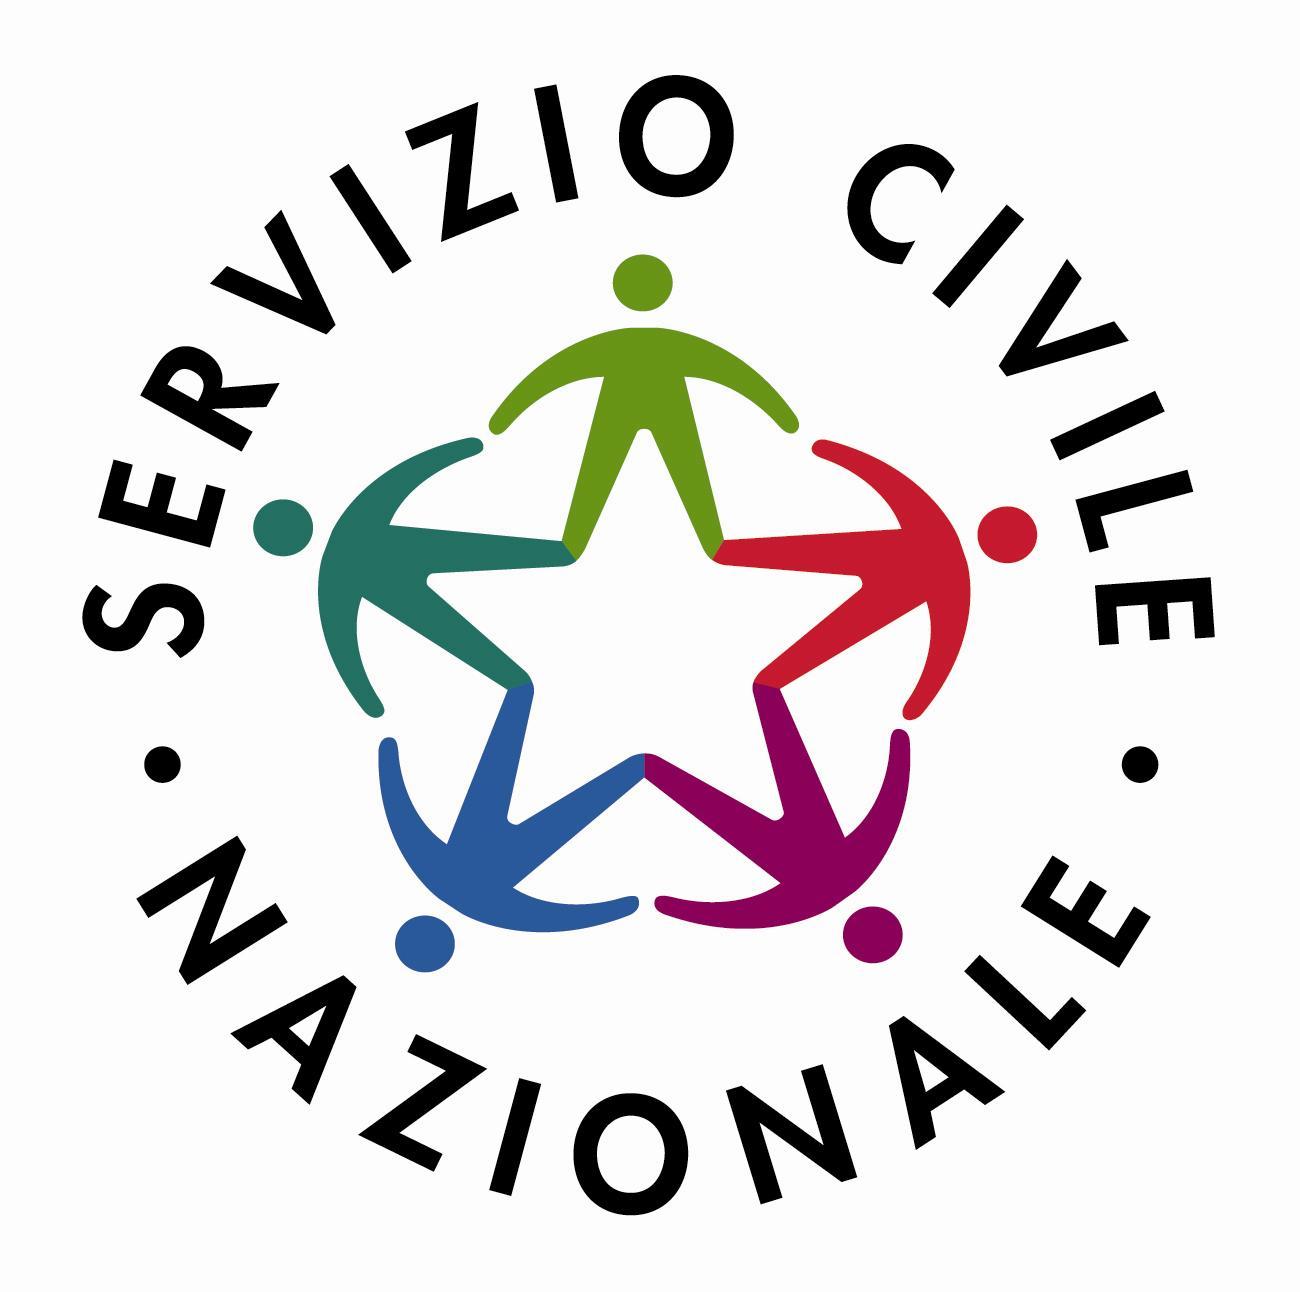 ESTRATTO VERBALE SERVIZIO CIVILE NAZIONALE